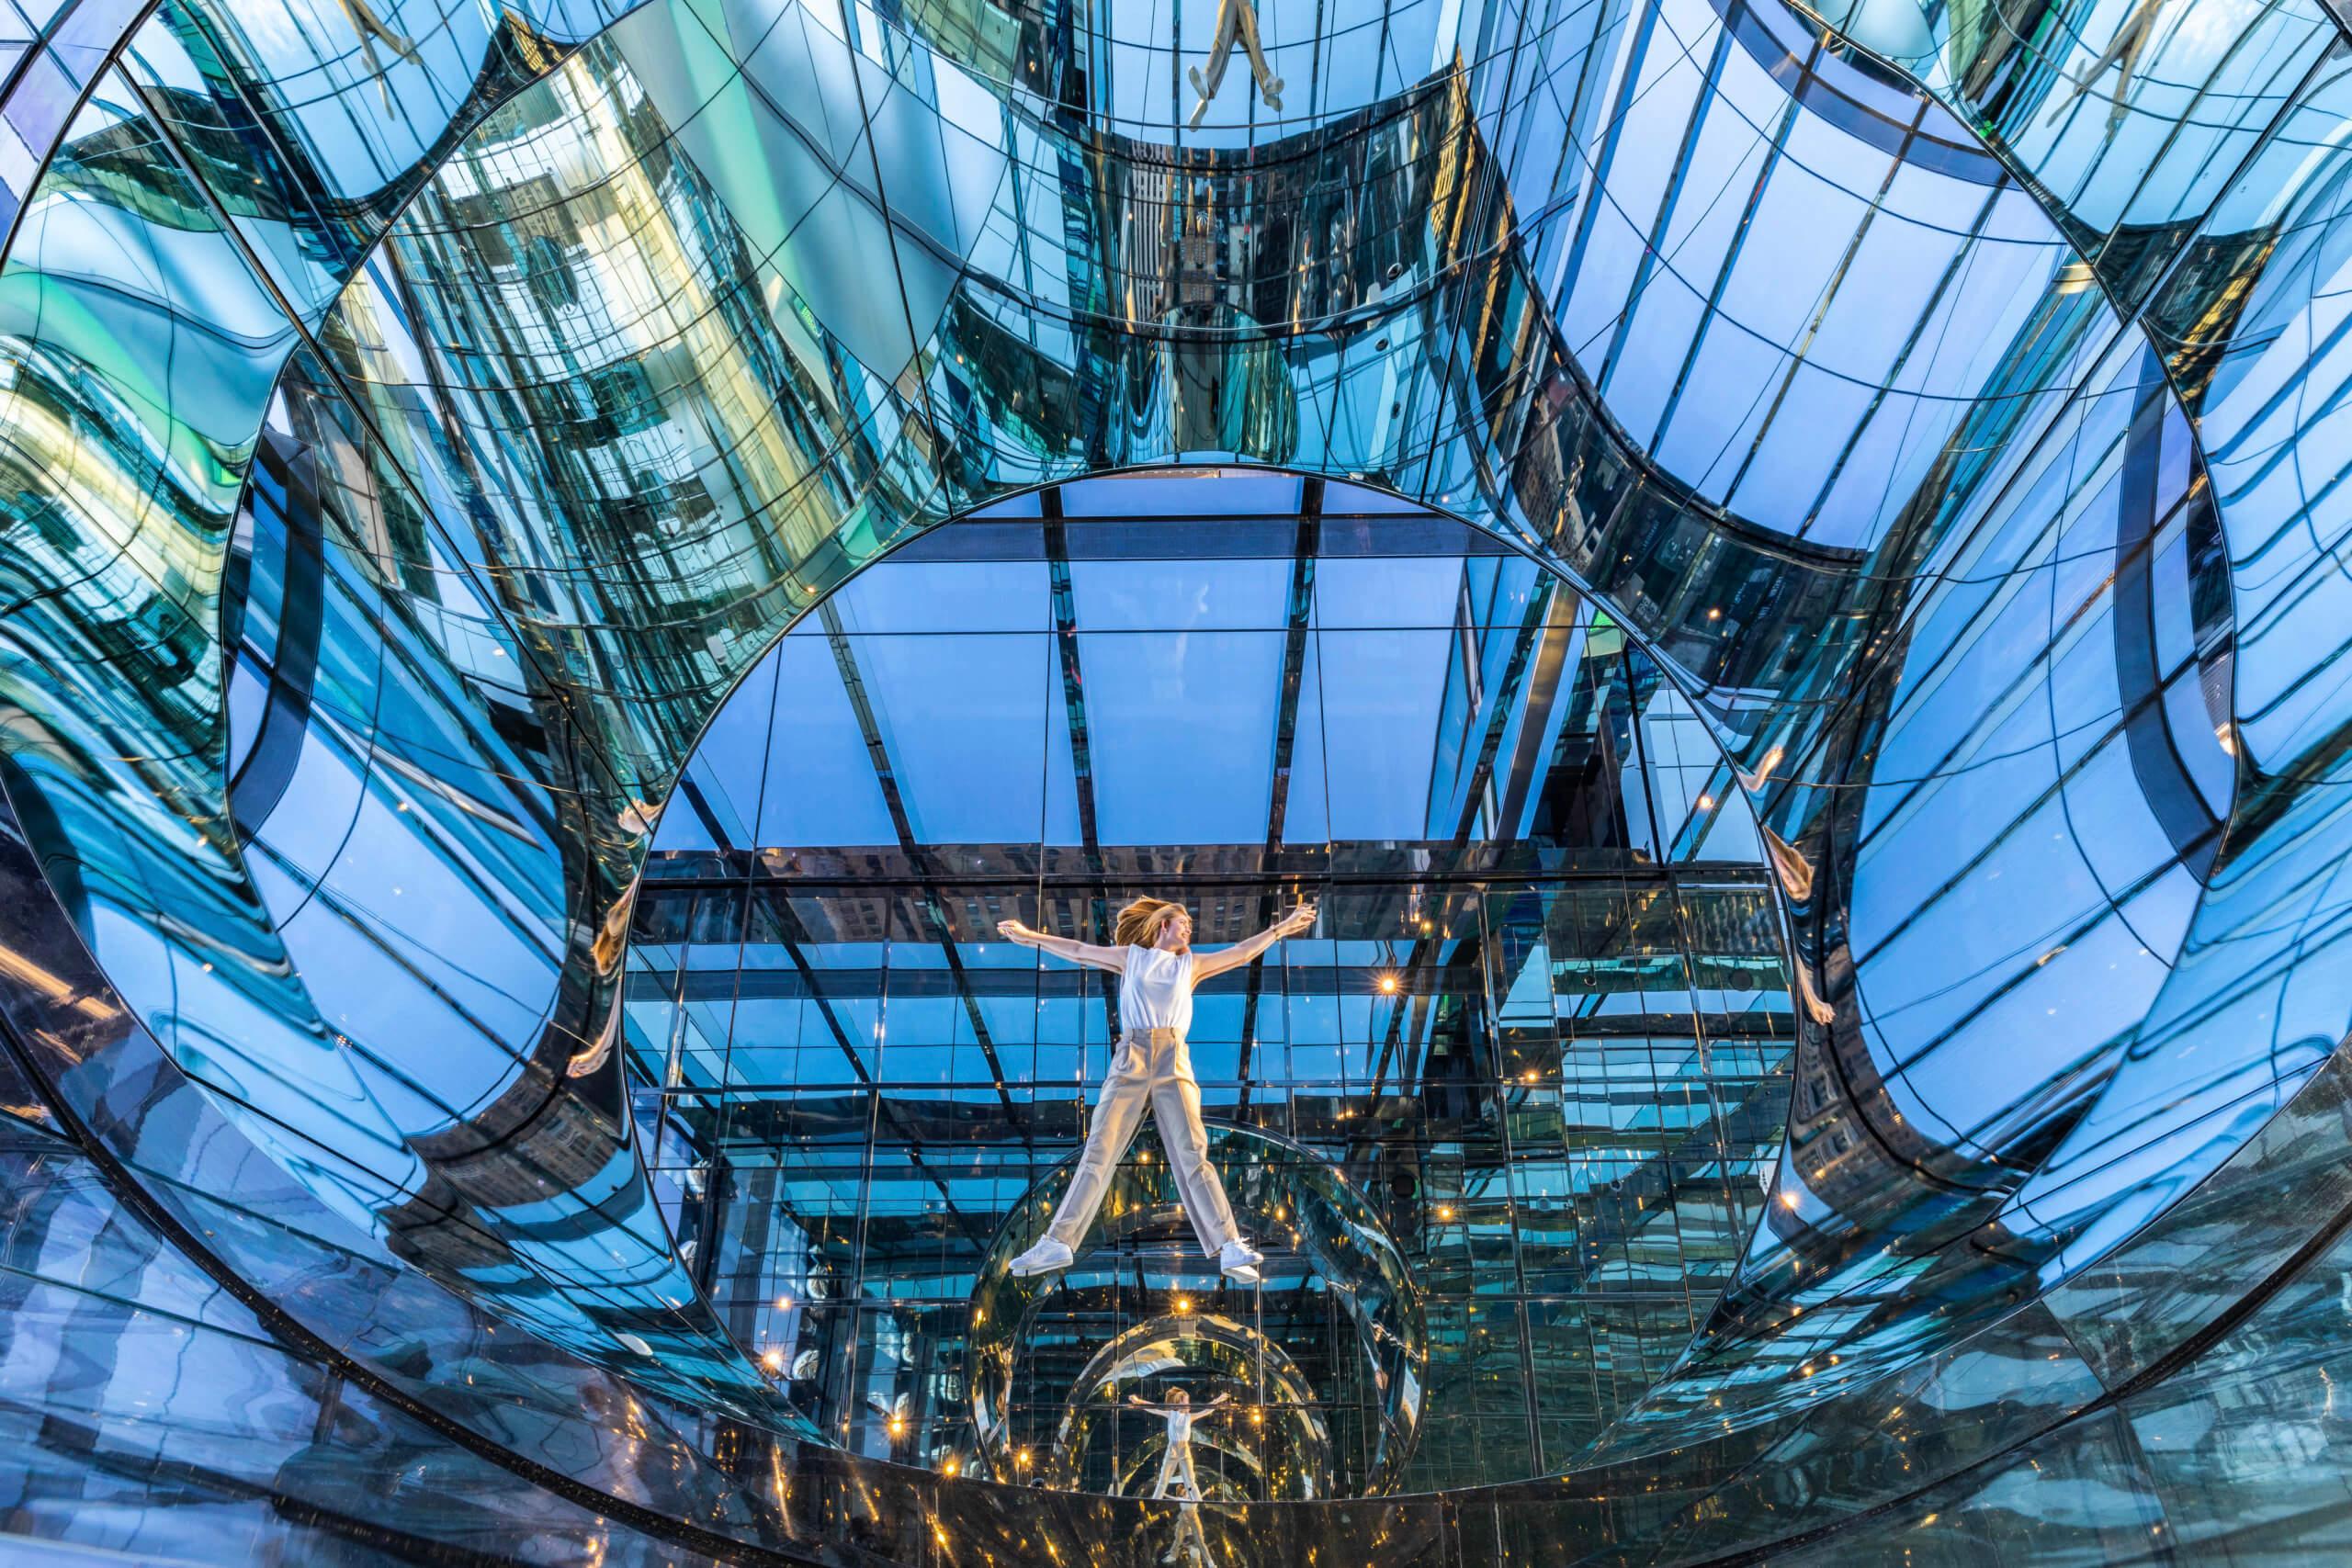 Đài quan sát ấn tượng nhất thế giới: Rộng 6.000 m2, ngắm toàn cảnh New York từ tầng 91